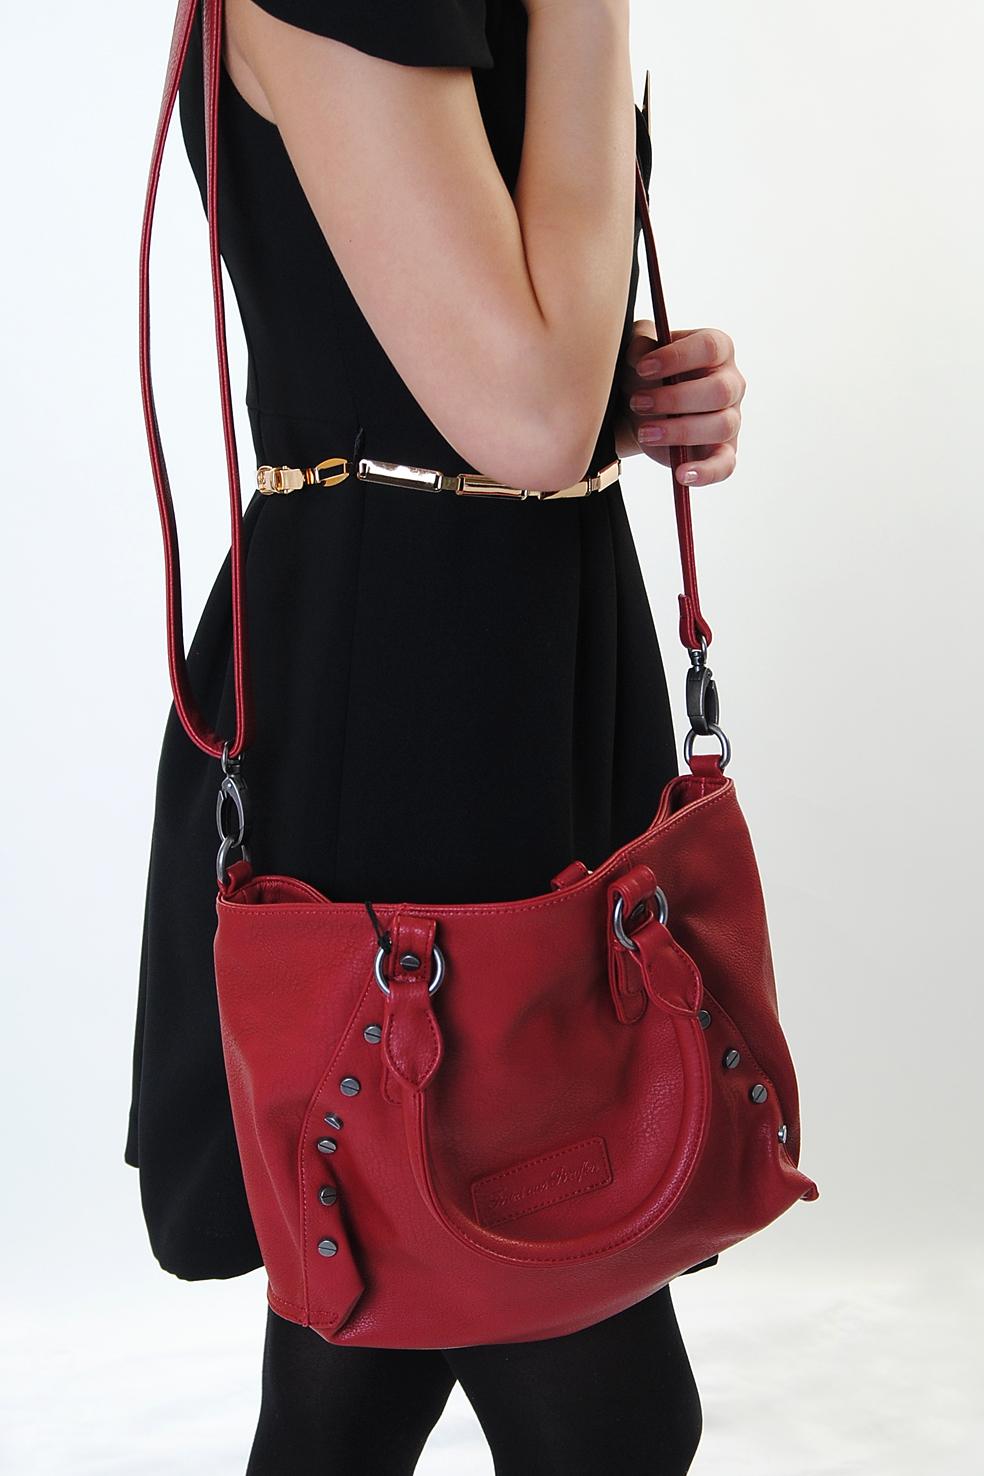 fritzi aus preu en ladies handbag shoulder bag holly ruby ebay. Black Bedroom Furniture Sets. Home Design Ideas